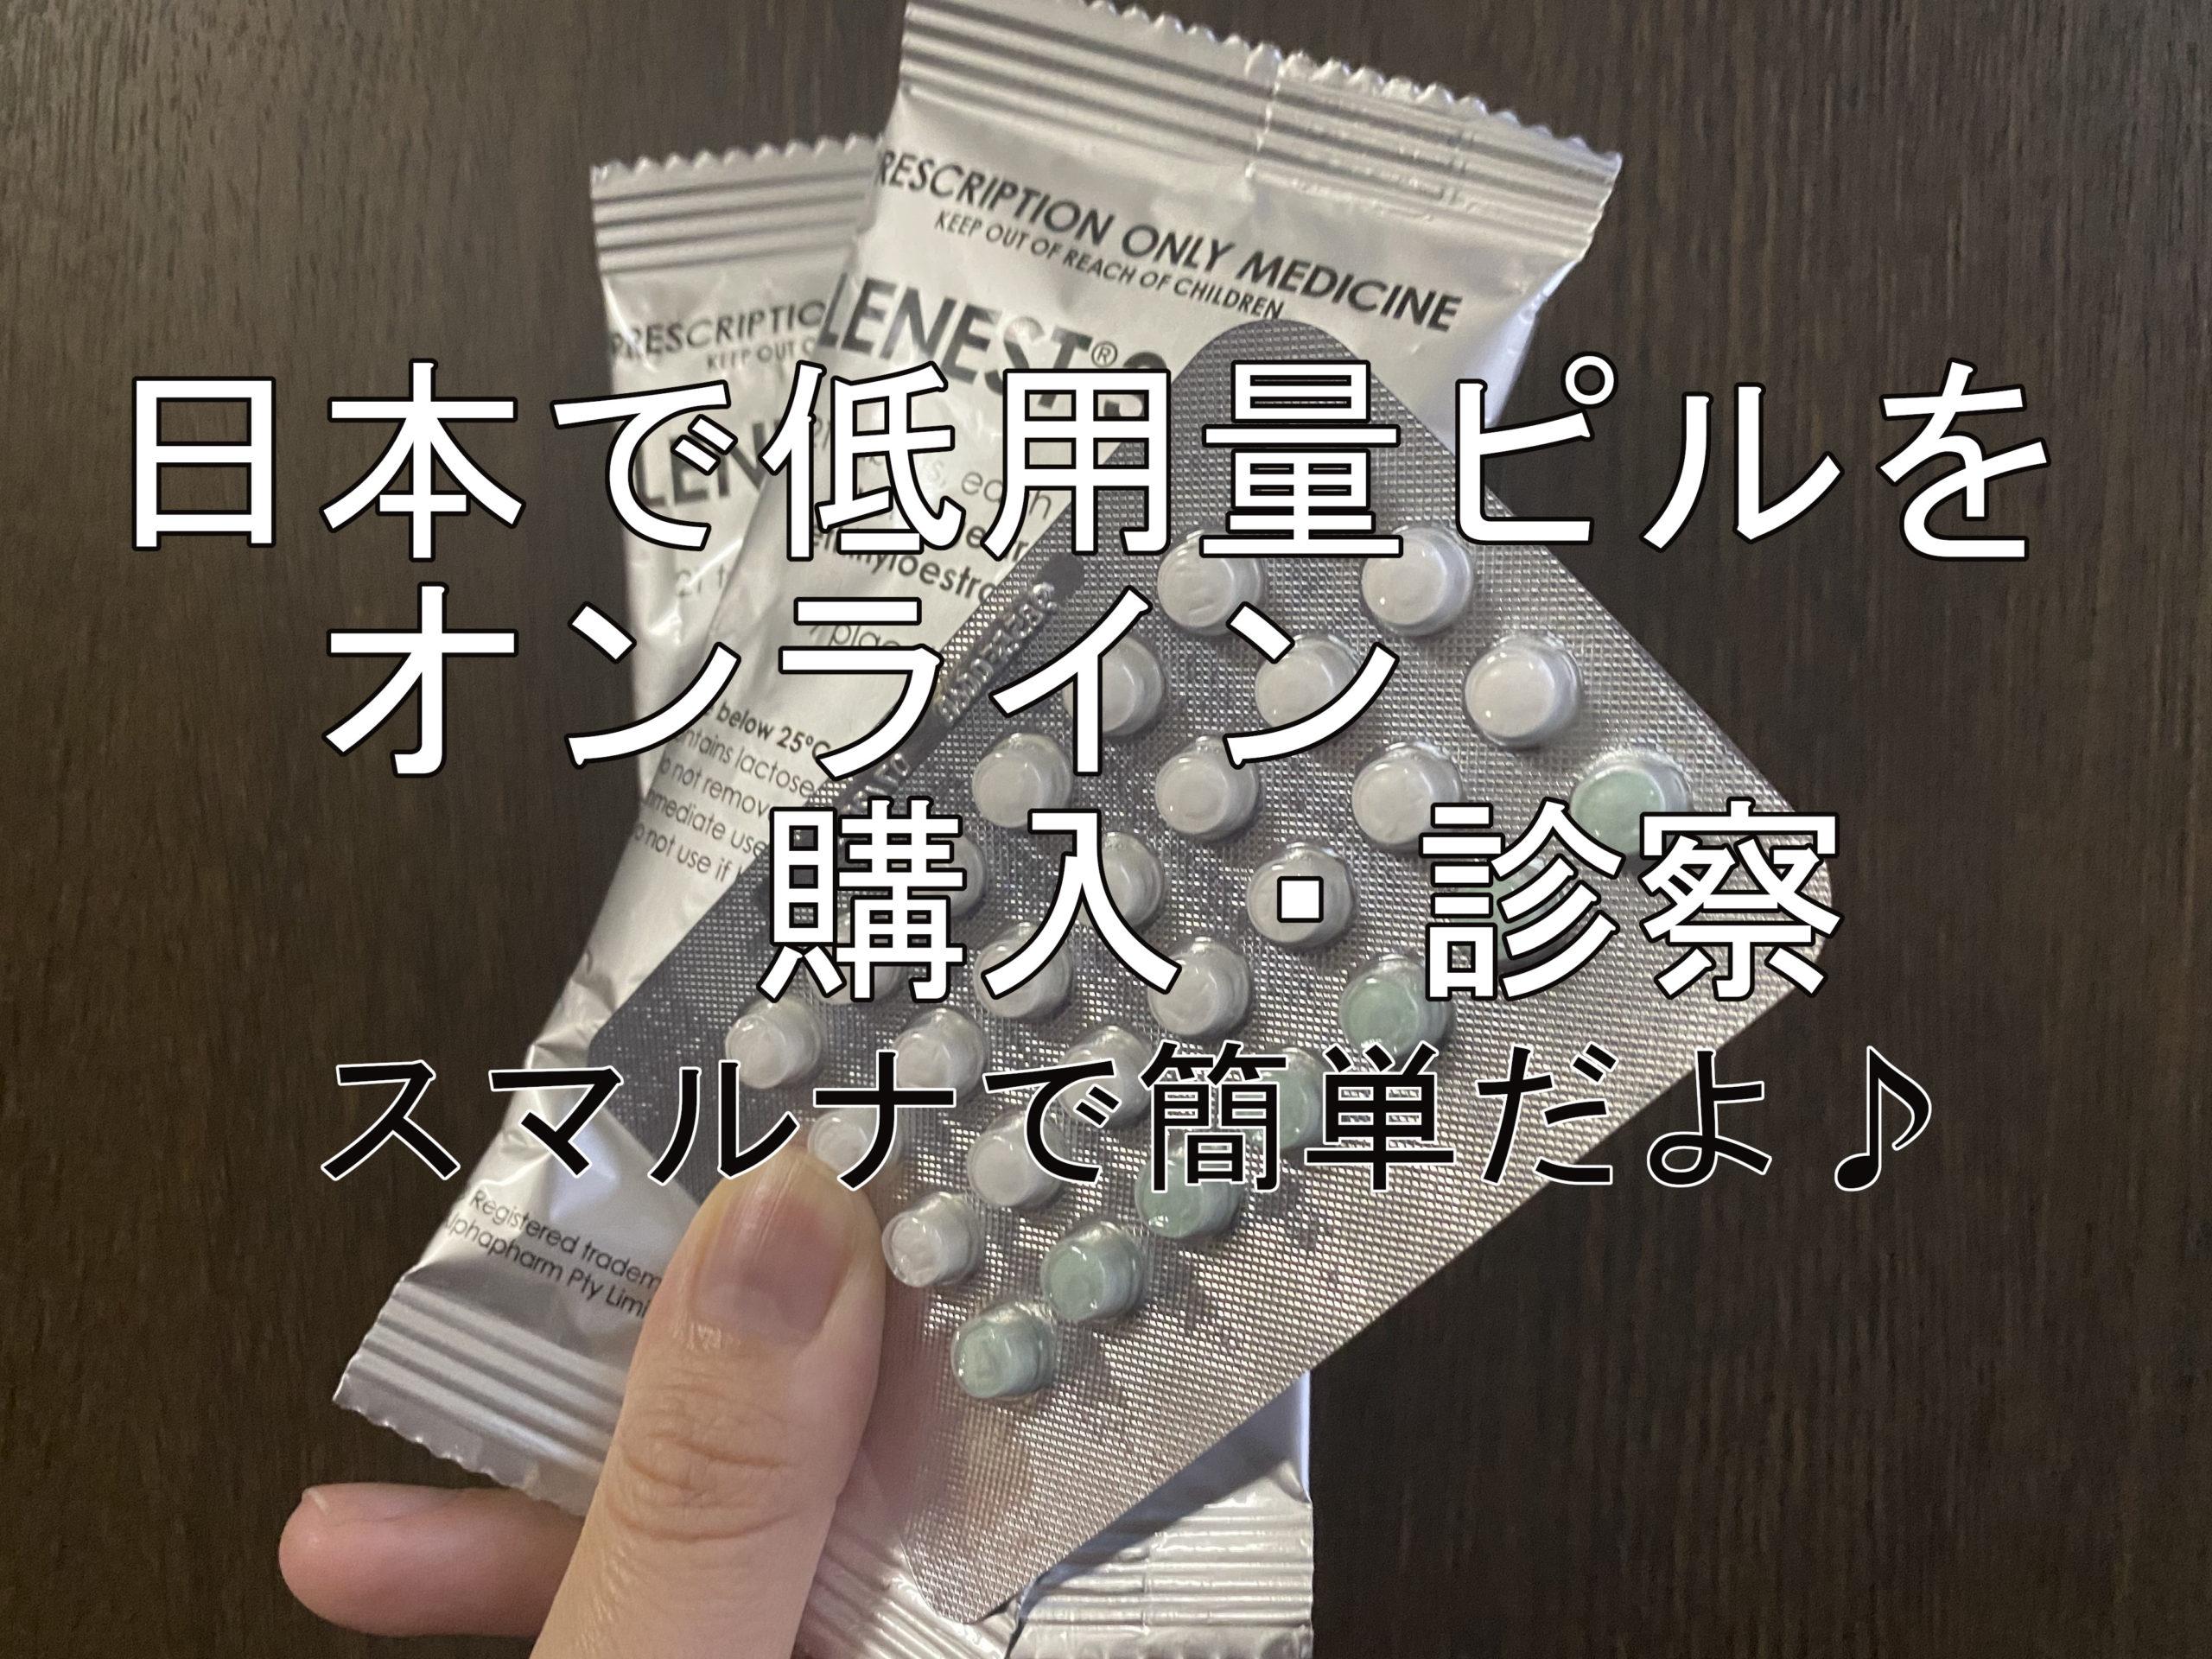 日本で低用量ピルをオンライン購入する方法!スマルナで国内郵送できるよ